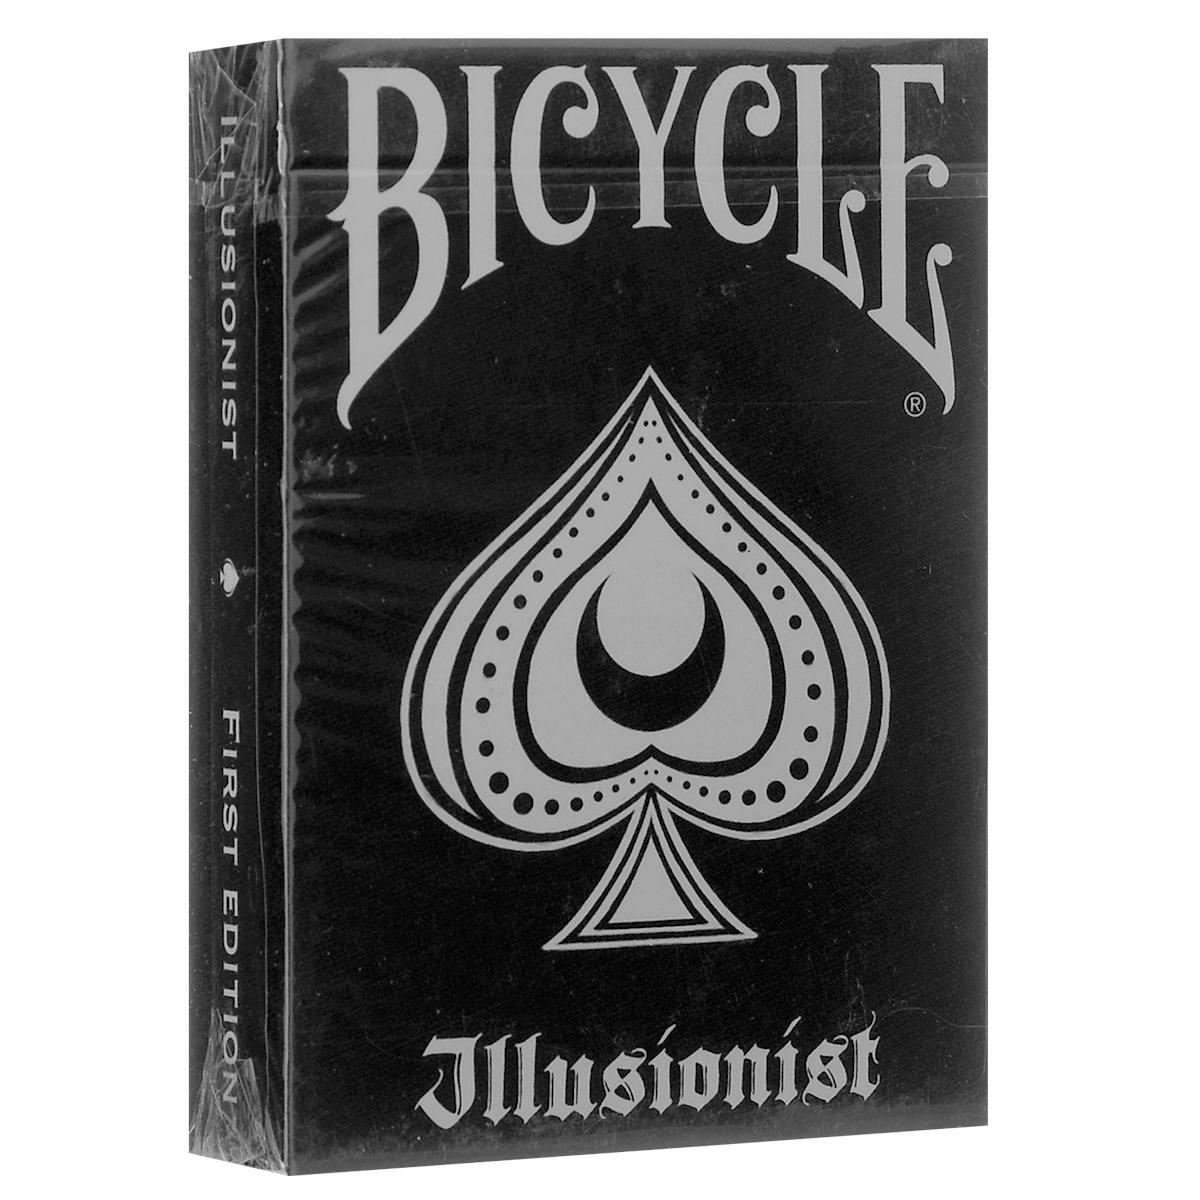 Игральные карты Bicycle Иллюзионист, цвет: черный, серыйК-446Уникальный дизайн каждой карты этой колоды посвящен фокусникам, иллюзионистам и любителям кардистри.